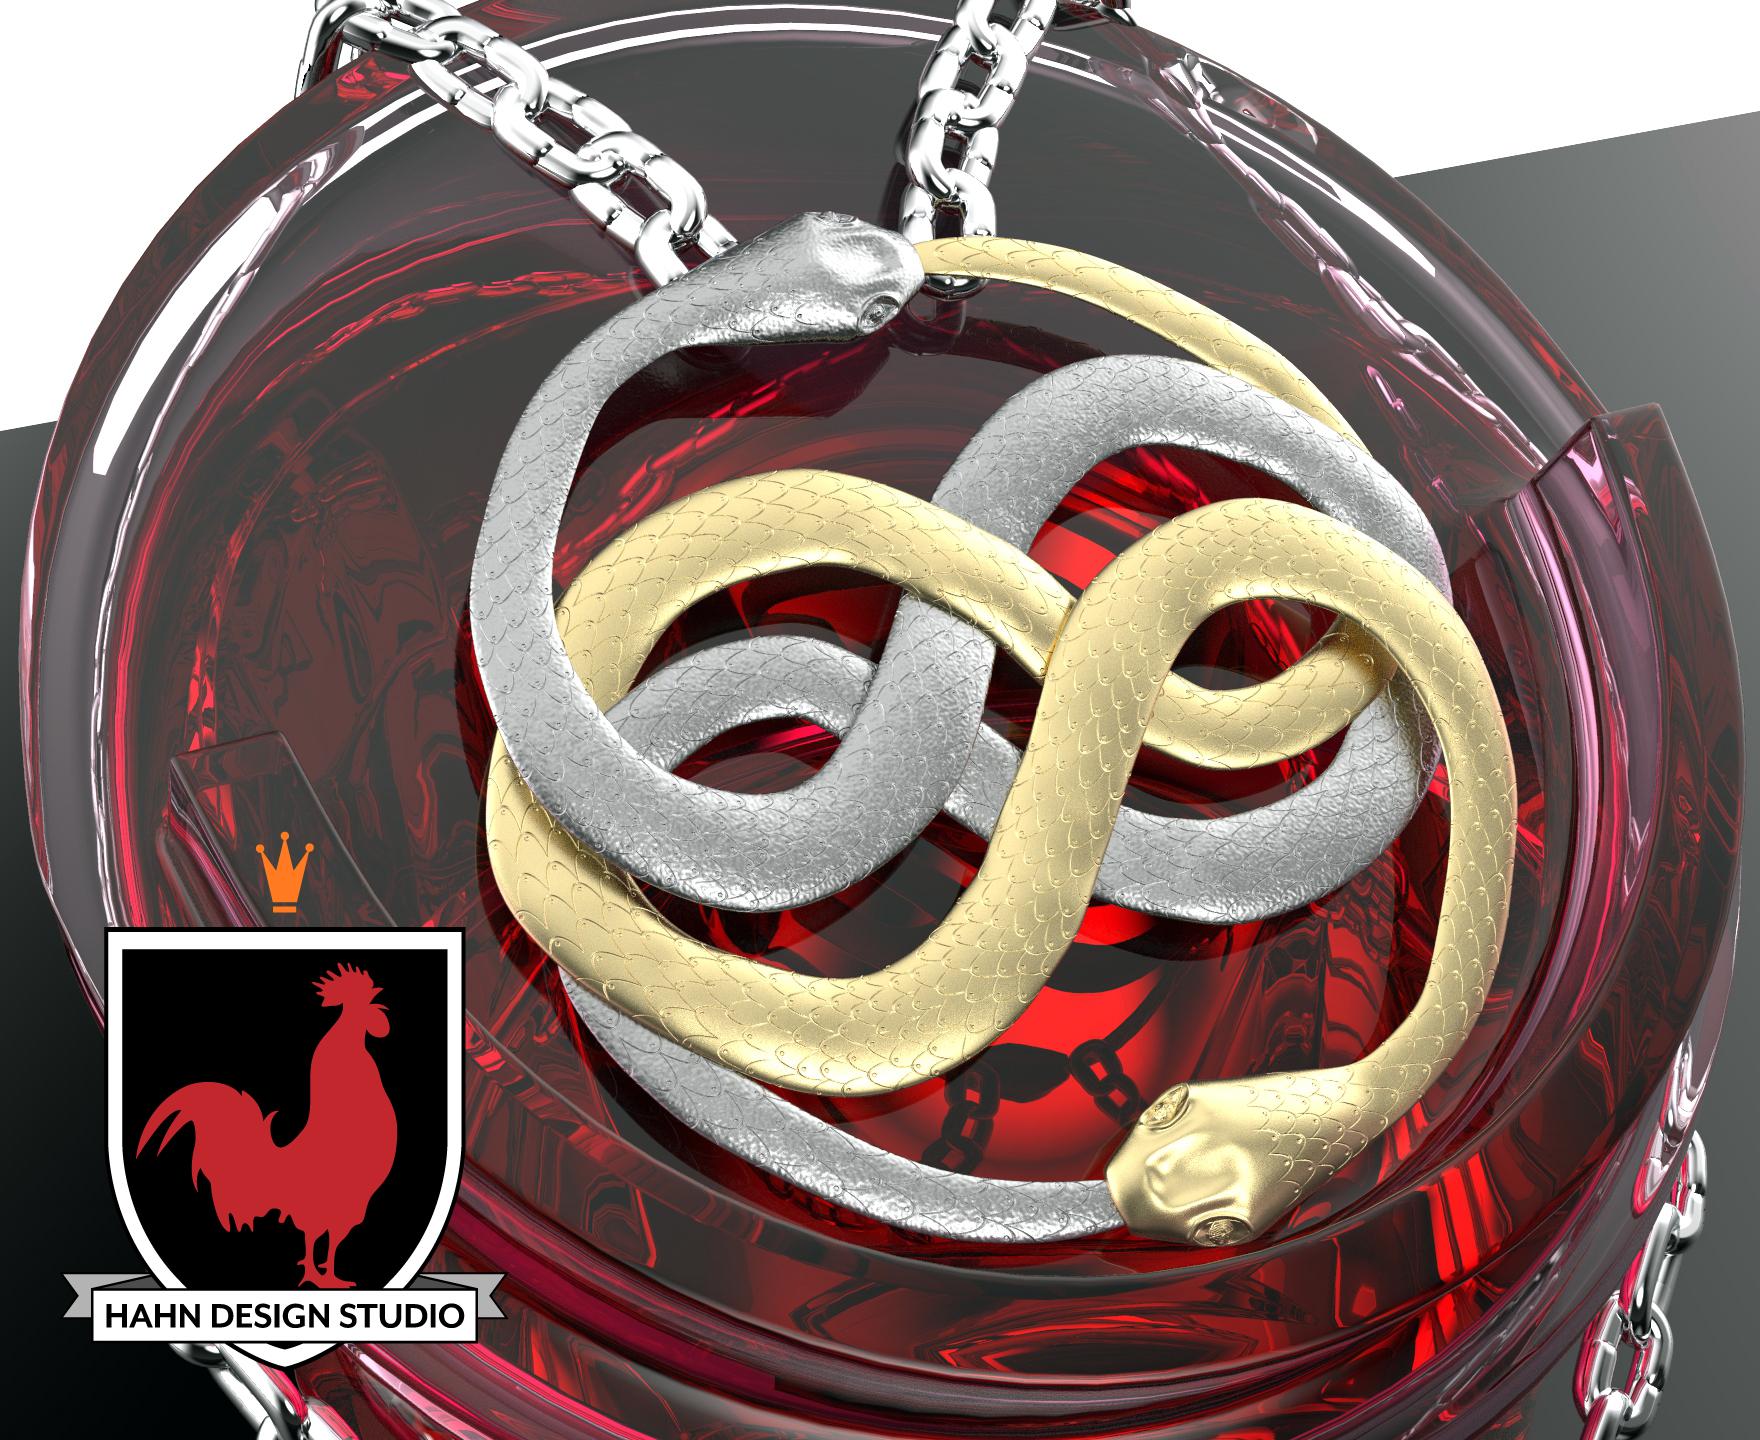 Auryn from The NeverEnding Story | 3D Modeling | Hahn Design Studio